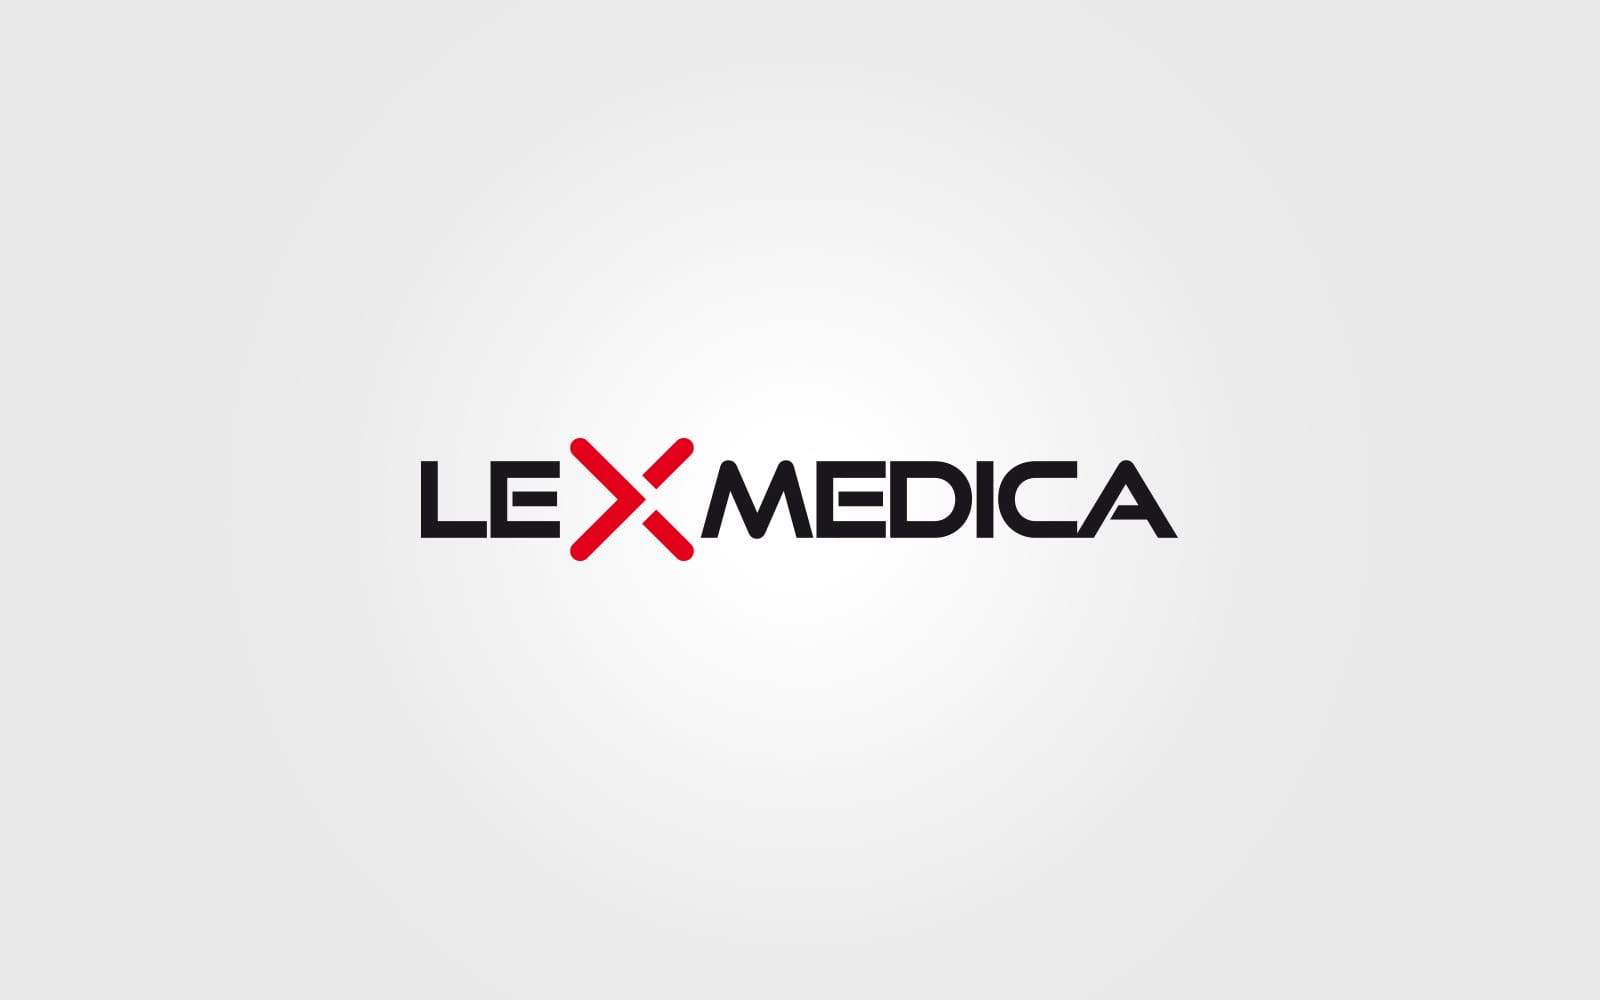 Projektowanie logo dla instytucji specjalizującej się w profesjonalnych opiniach medycznych dla celów procesowych Lex Medica Poznań projektowanie logo firmowych znaków firmowych księgi znaku rewitalizacje rebranding logo identyfikacje wizualne strony internetowe Agencja brandingowa Moweli Creative